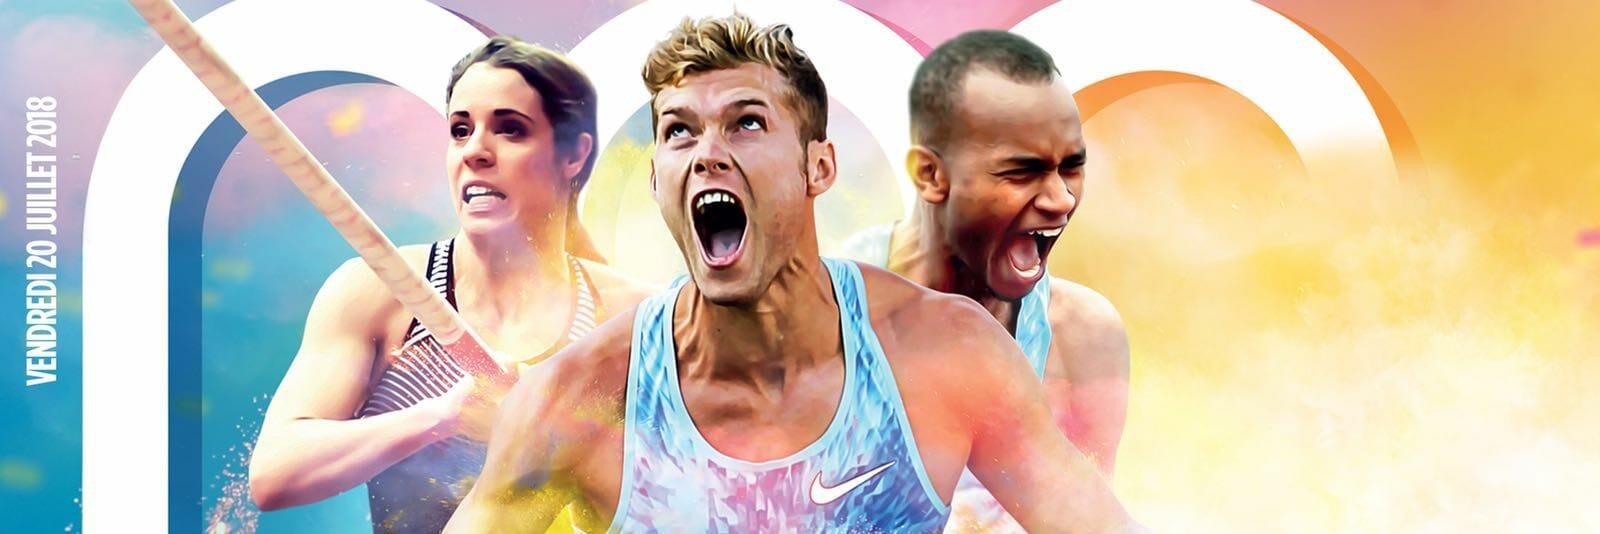 Herculis EBS 2018: стали известны участники турнира по легкой атлетике в Монако